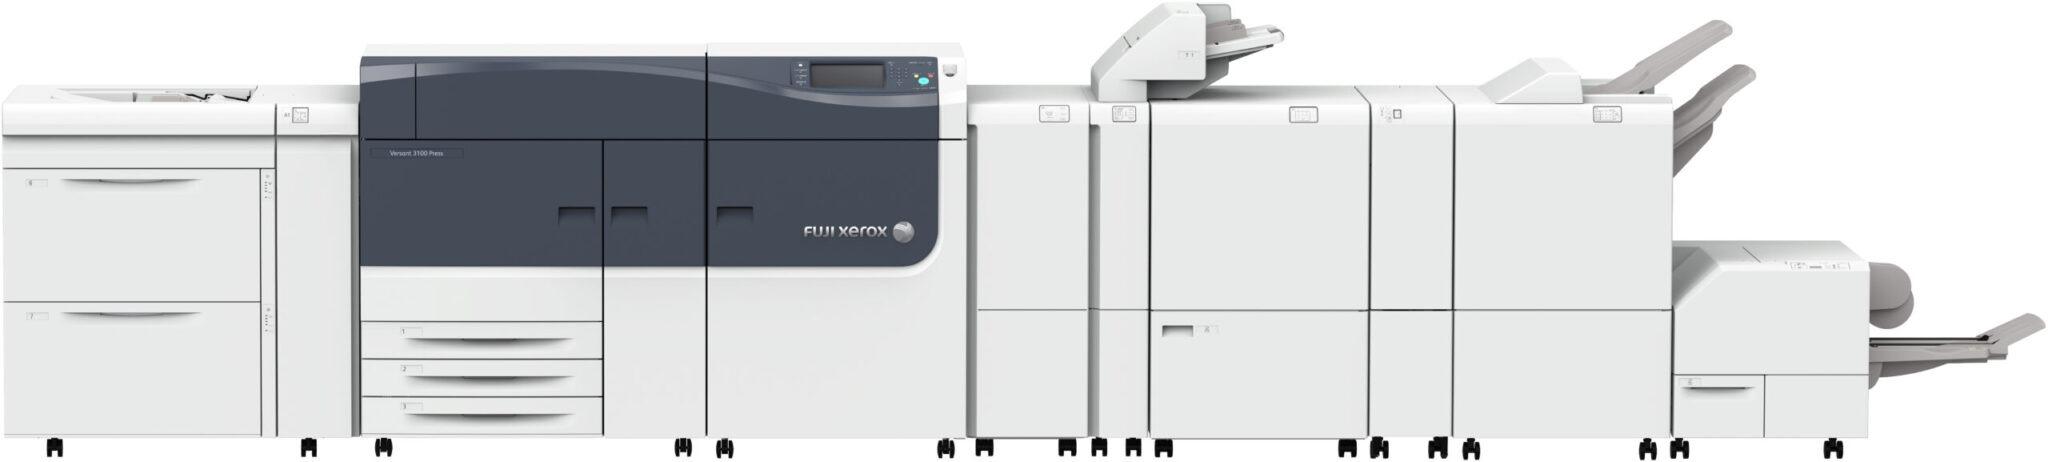 Fuji Film 3100i